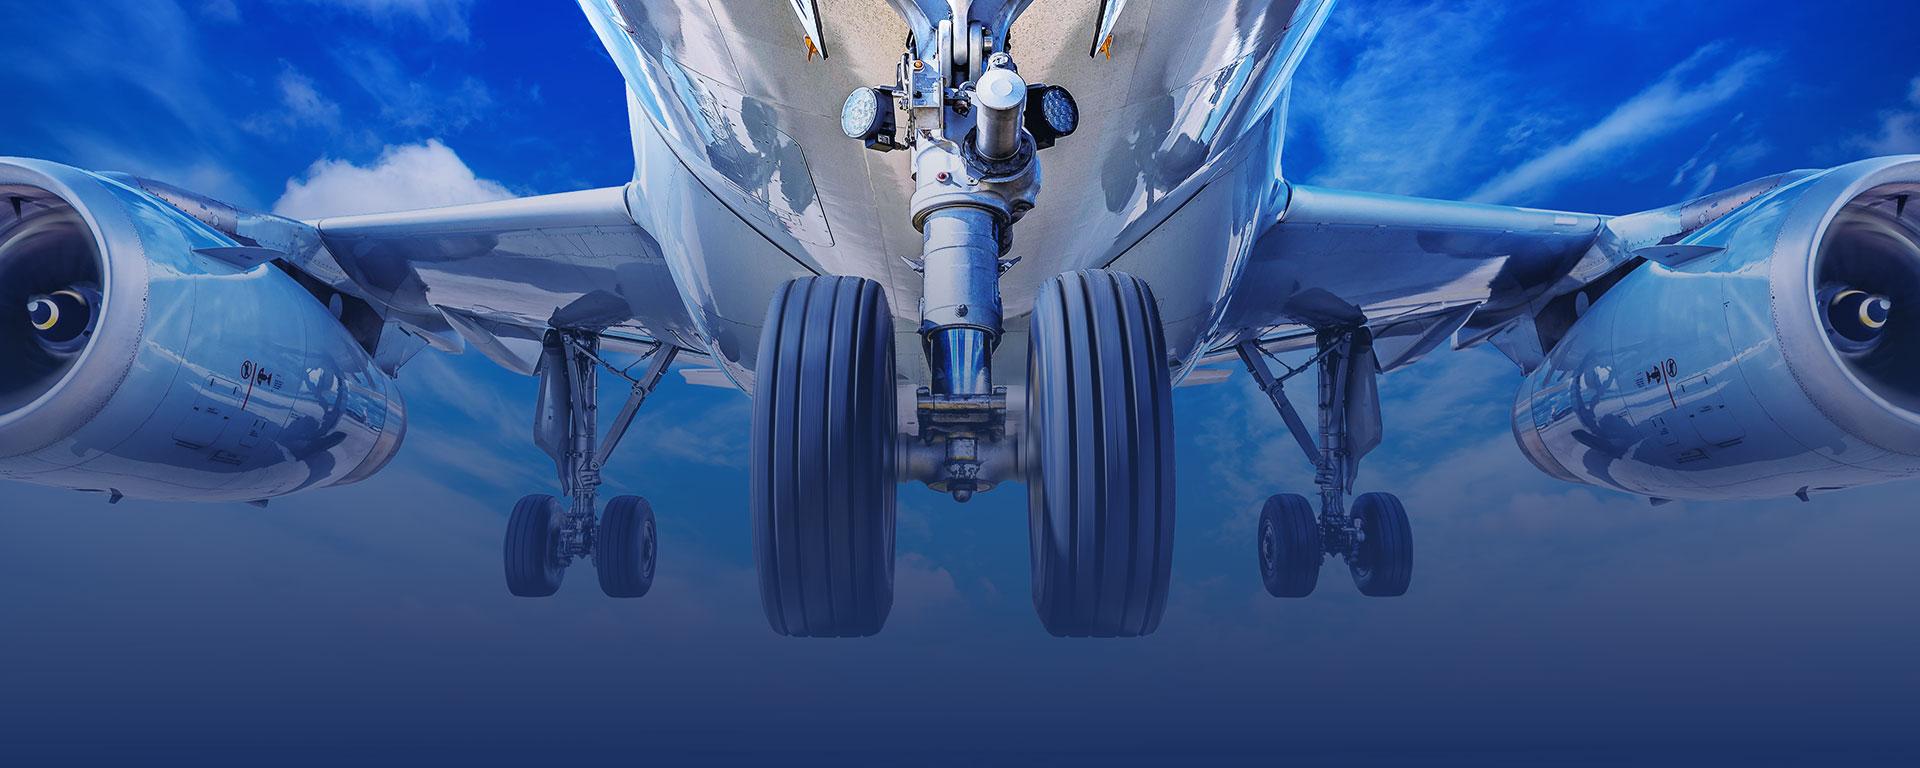 Kordsa Tire Reinforcement Technologies